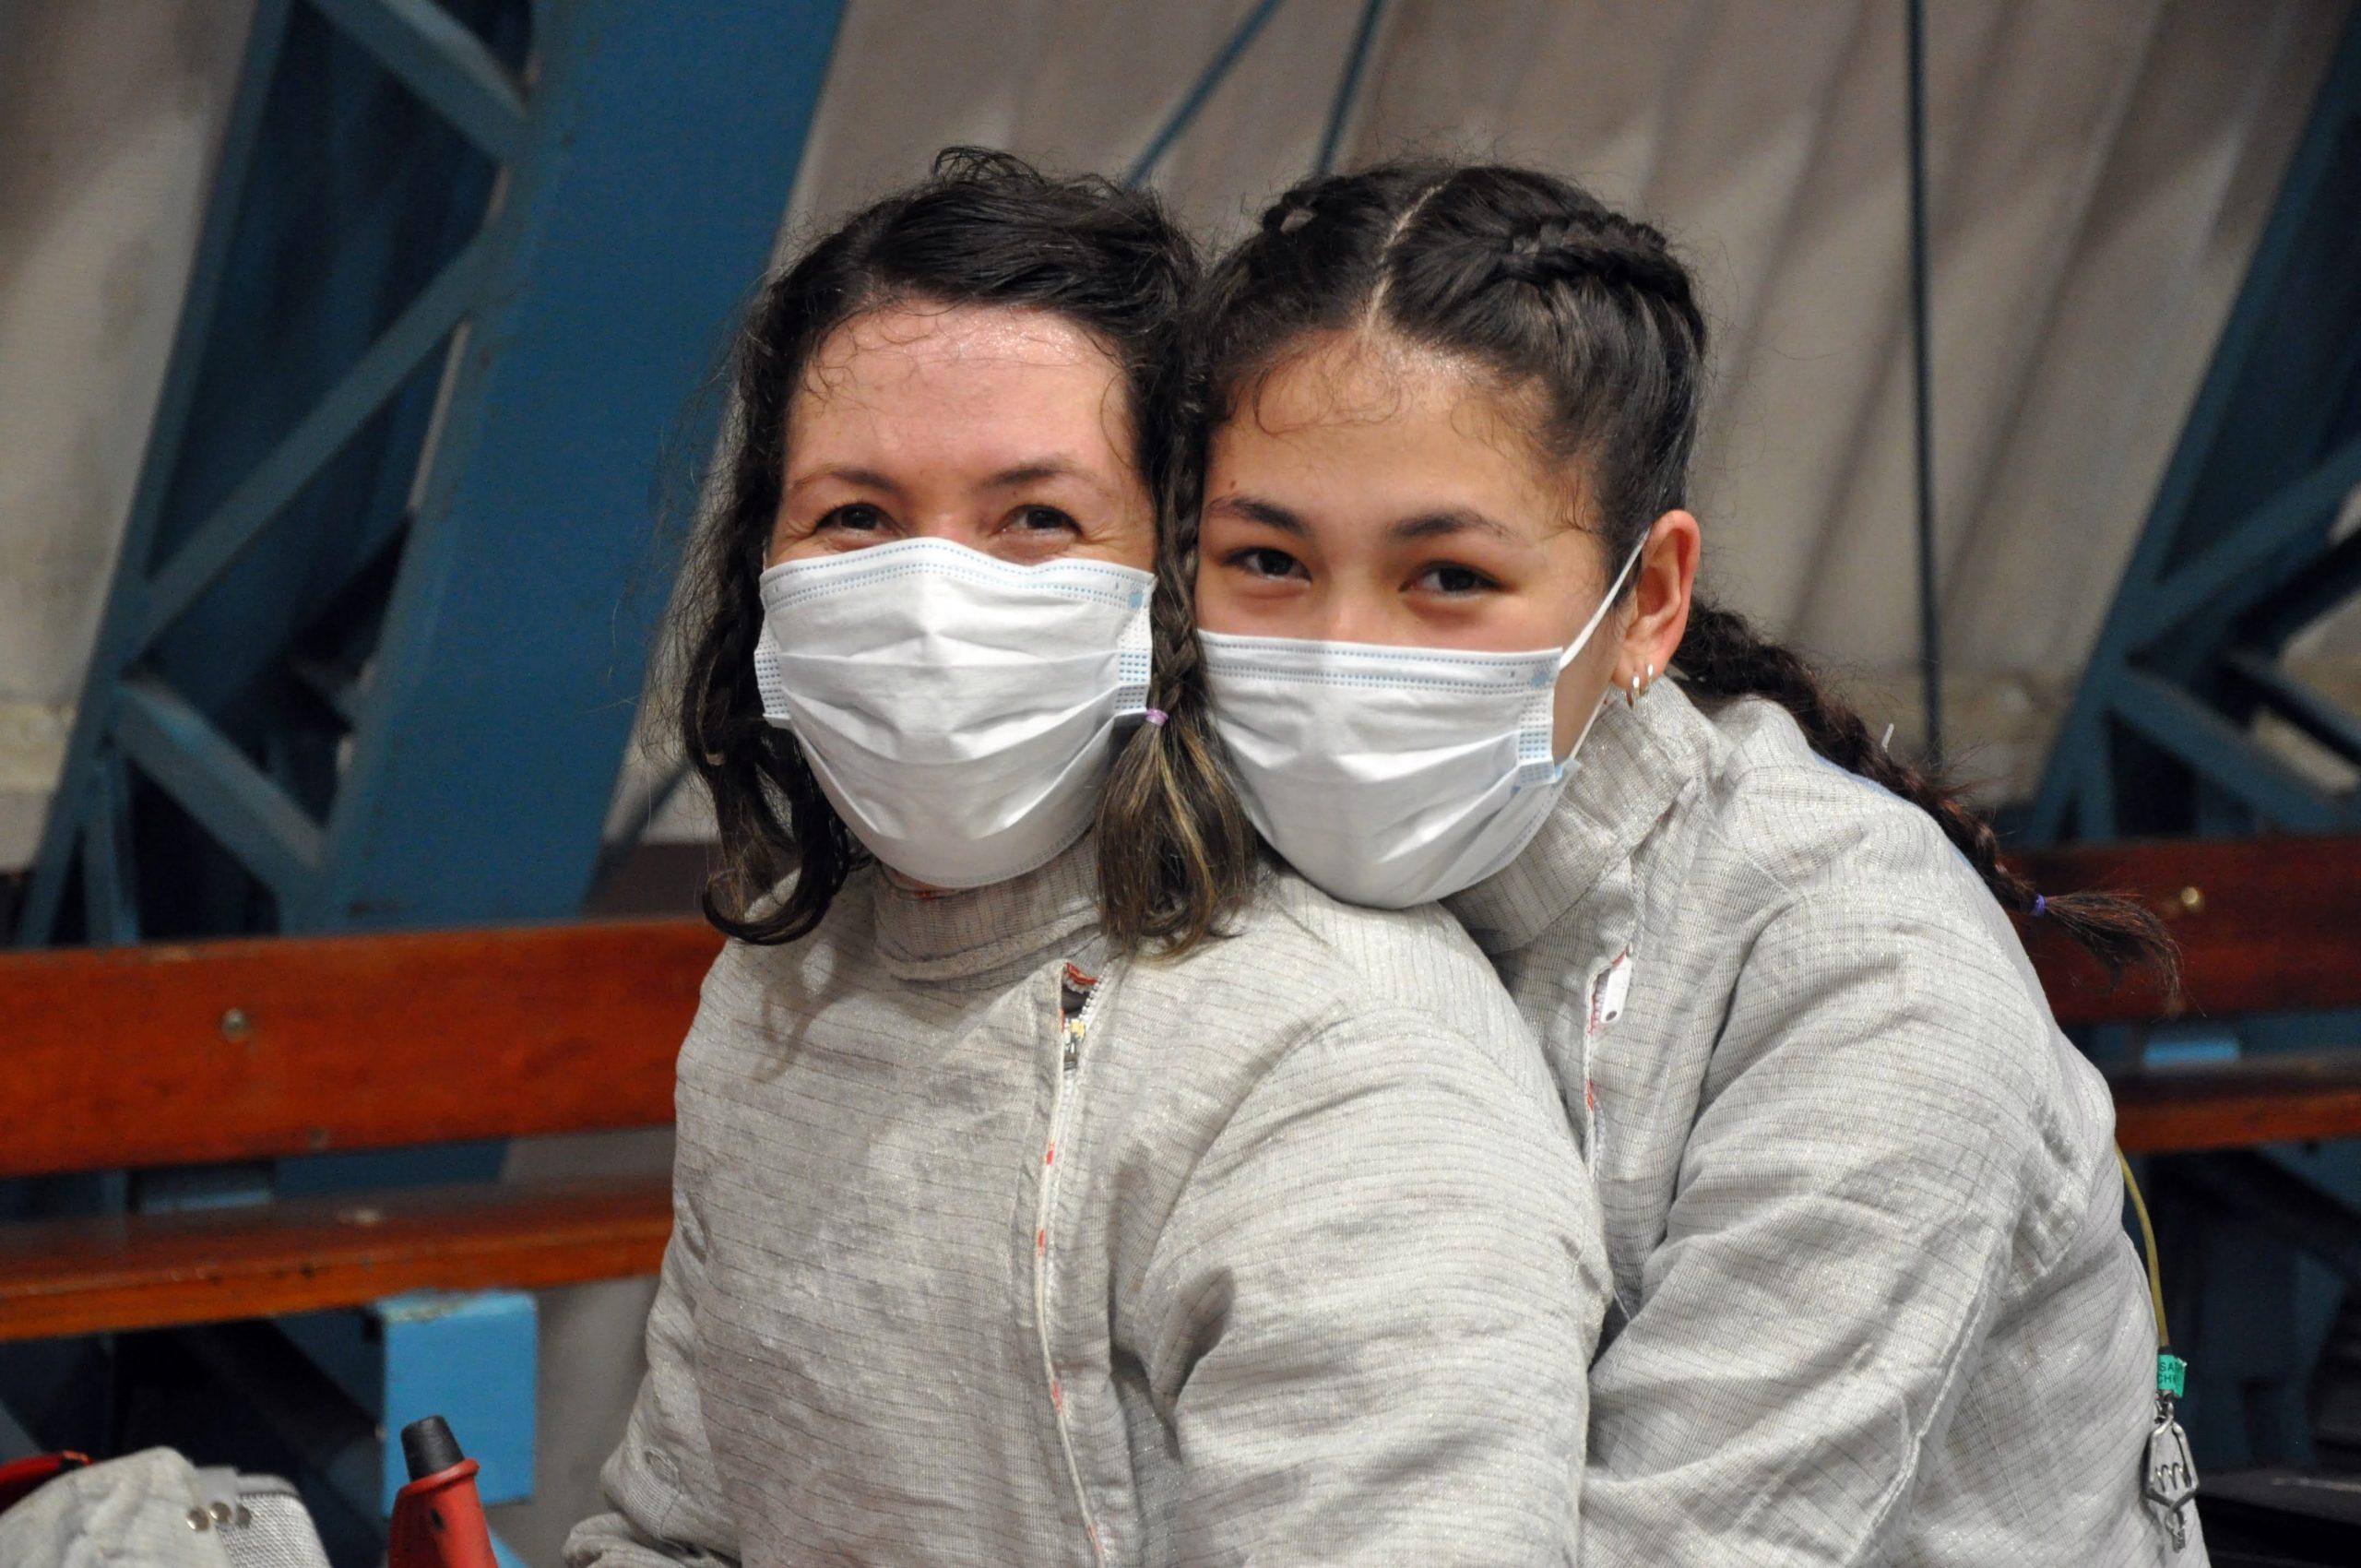 Herança de filha para mãe: após primeiro confronto em competição, Isabela e Andrea Chen contam relação com a esgrima